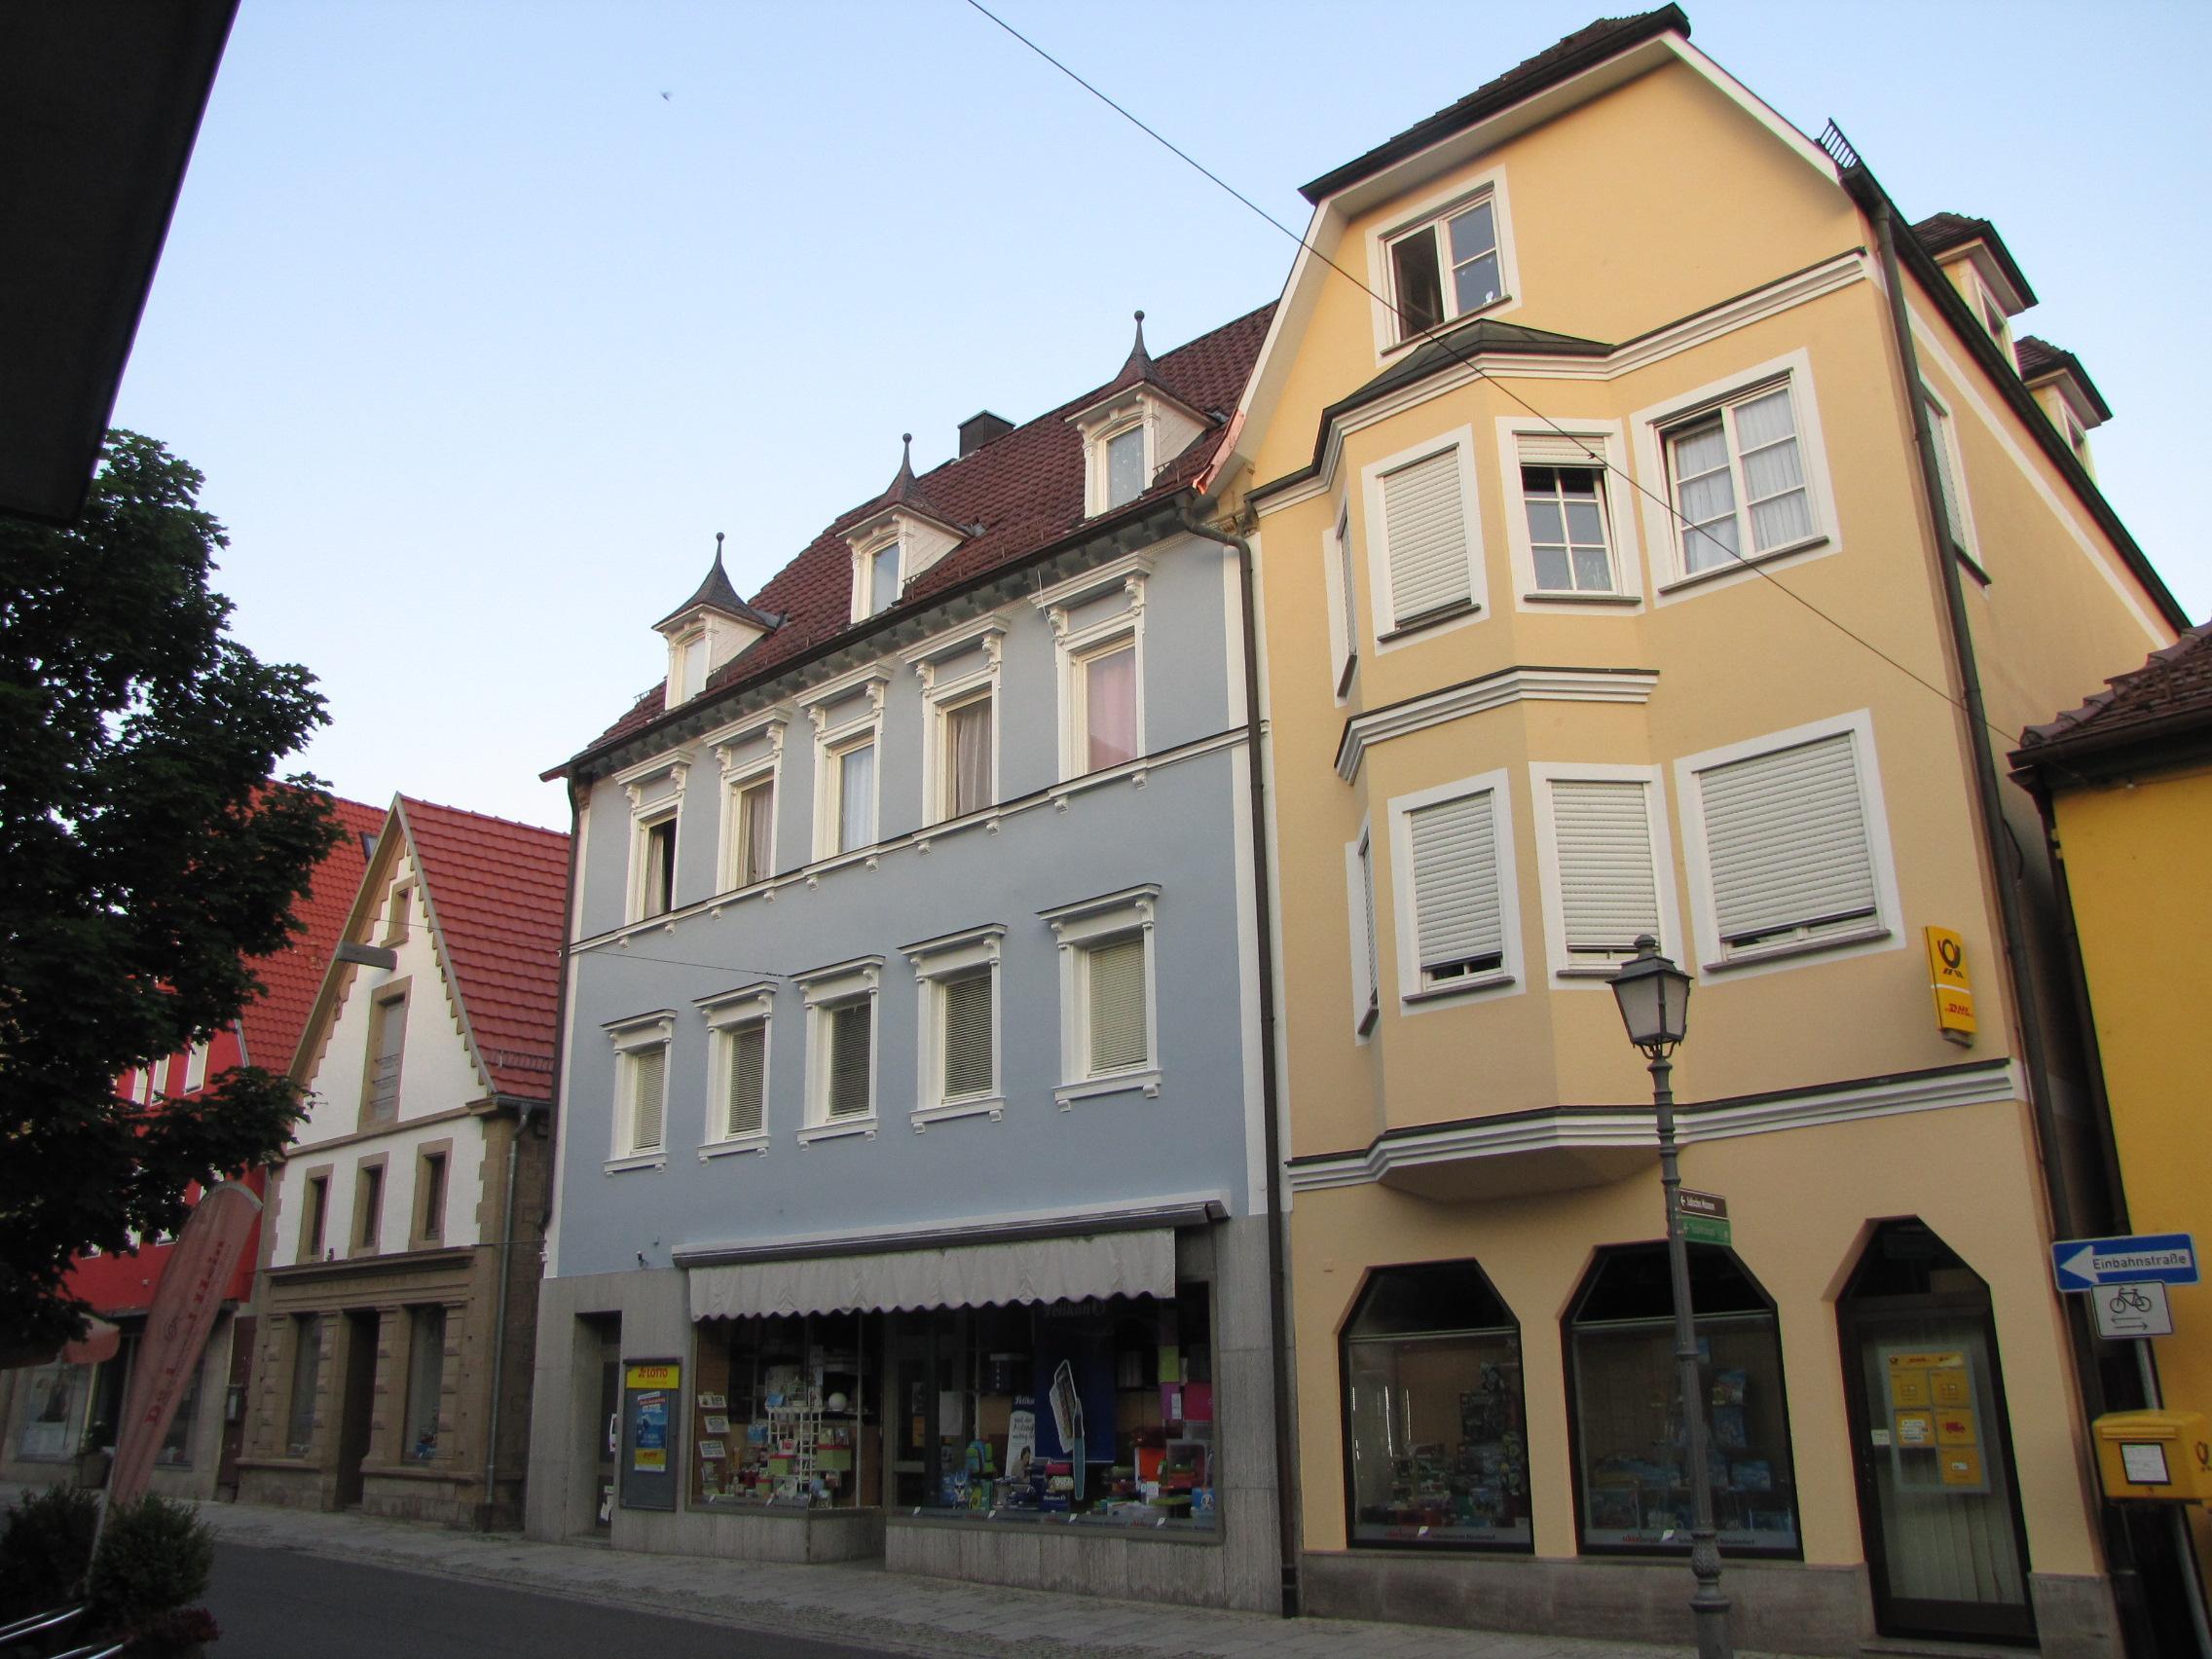 Stammhaus Creglingen